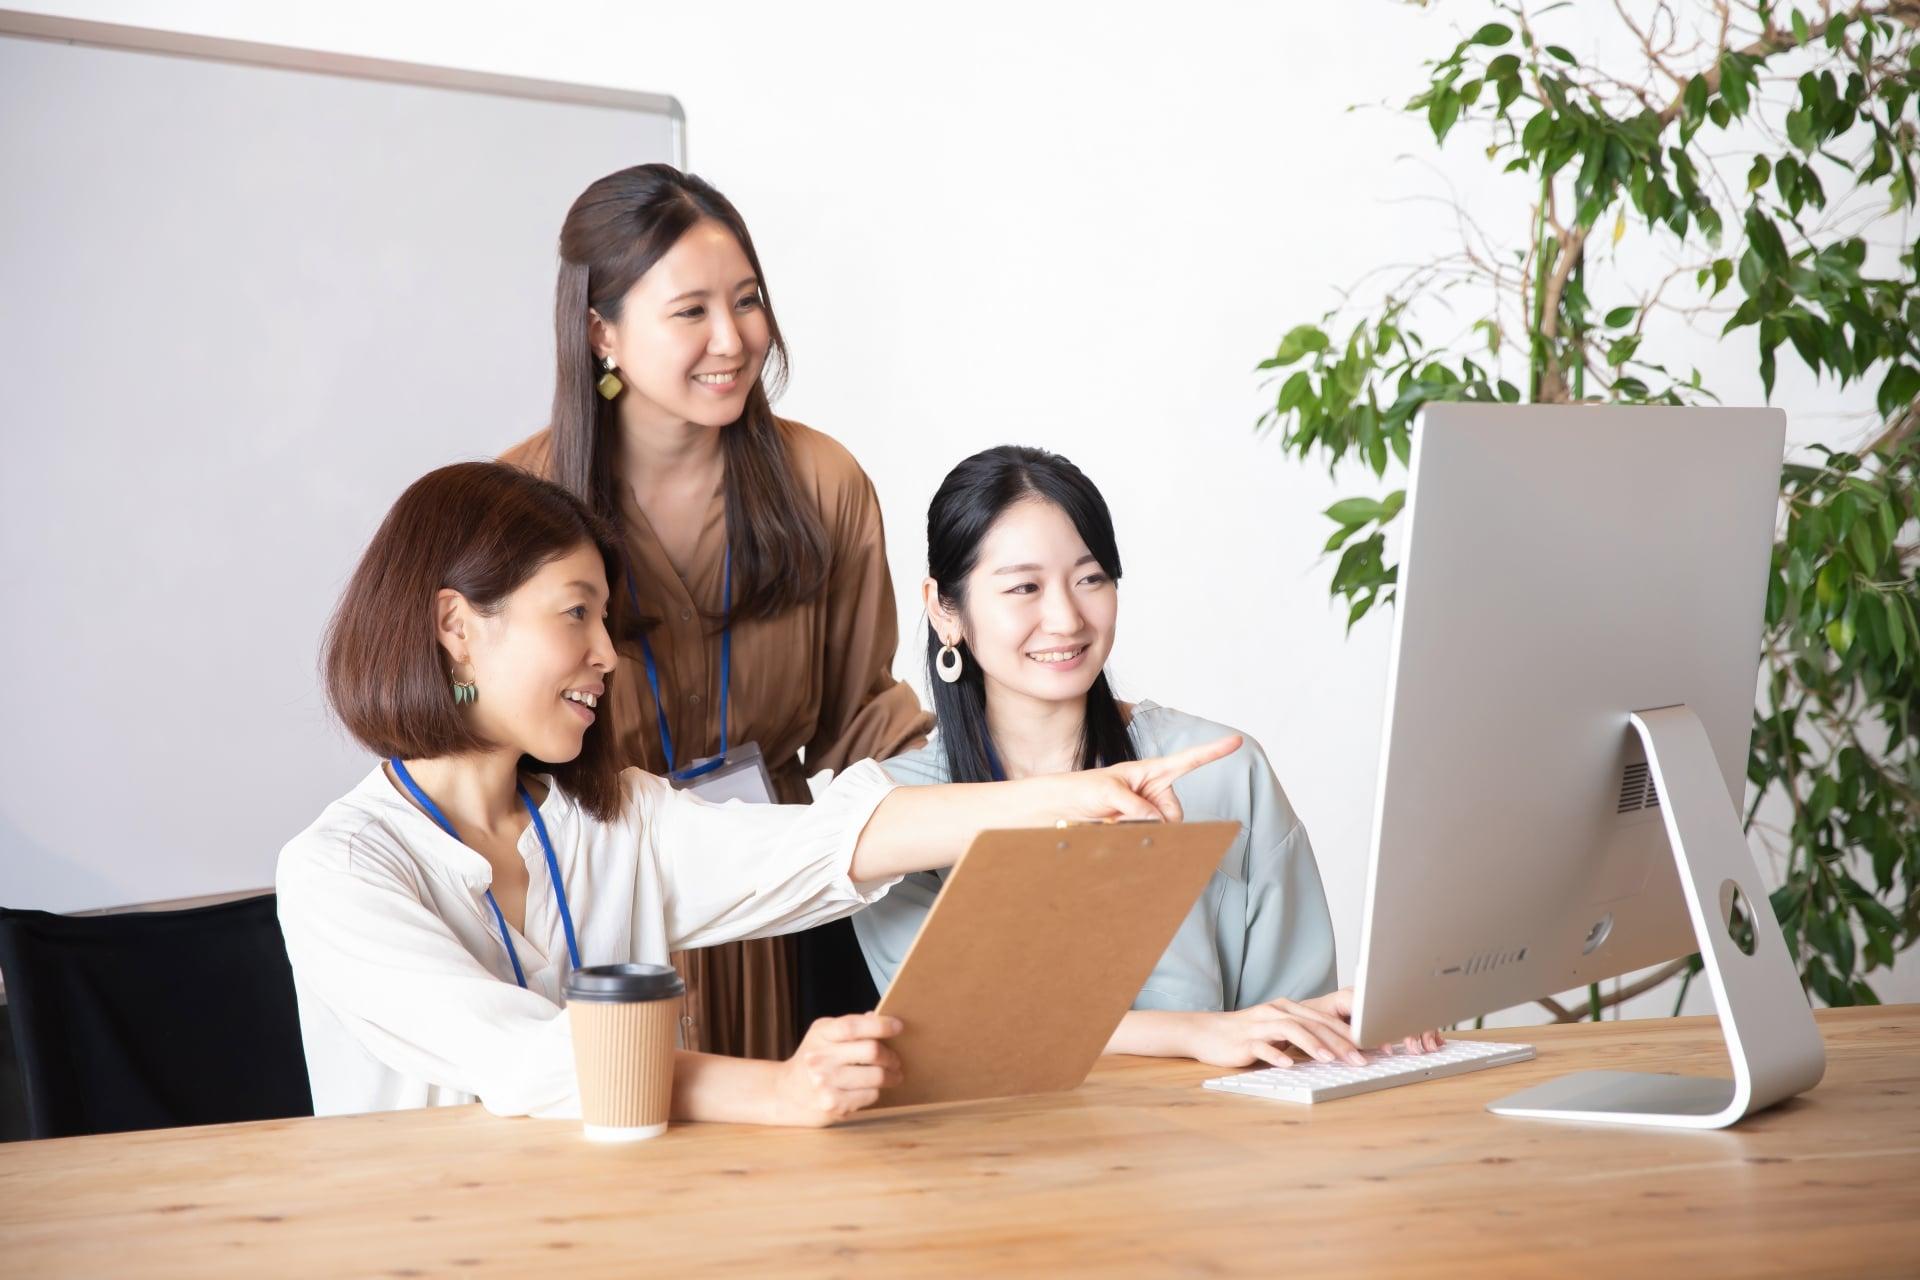 パソコンを見る女性たち